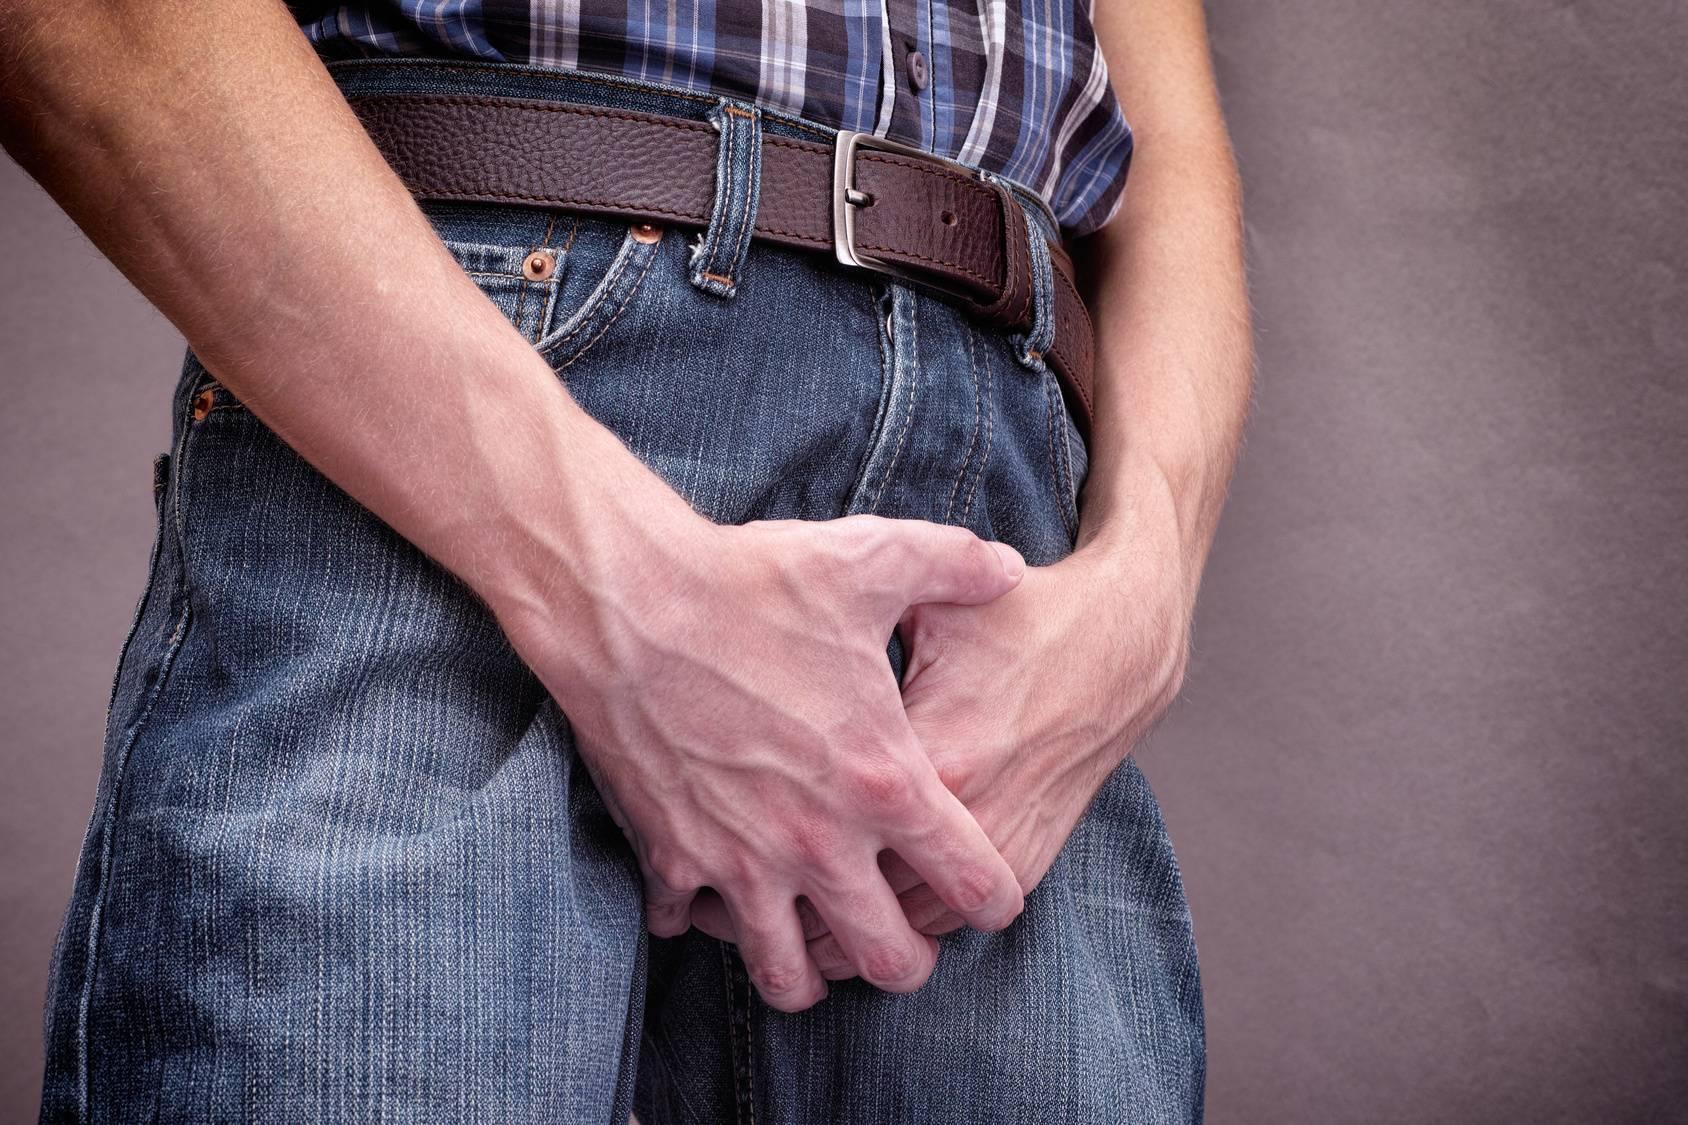 träning efter prostataoperation